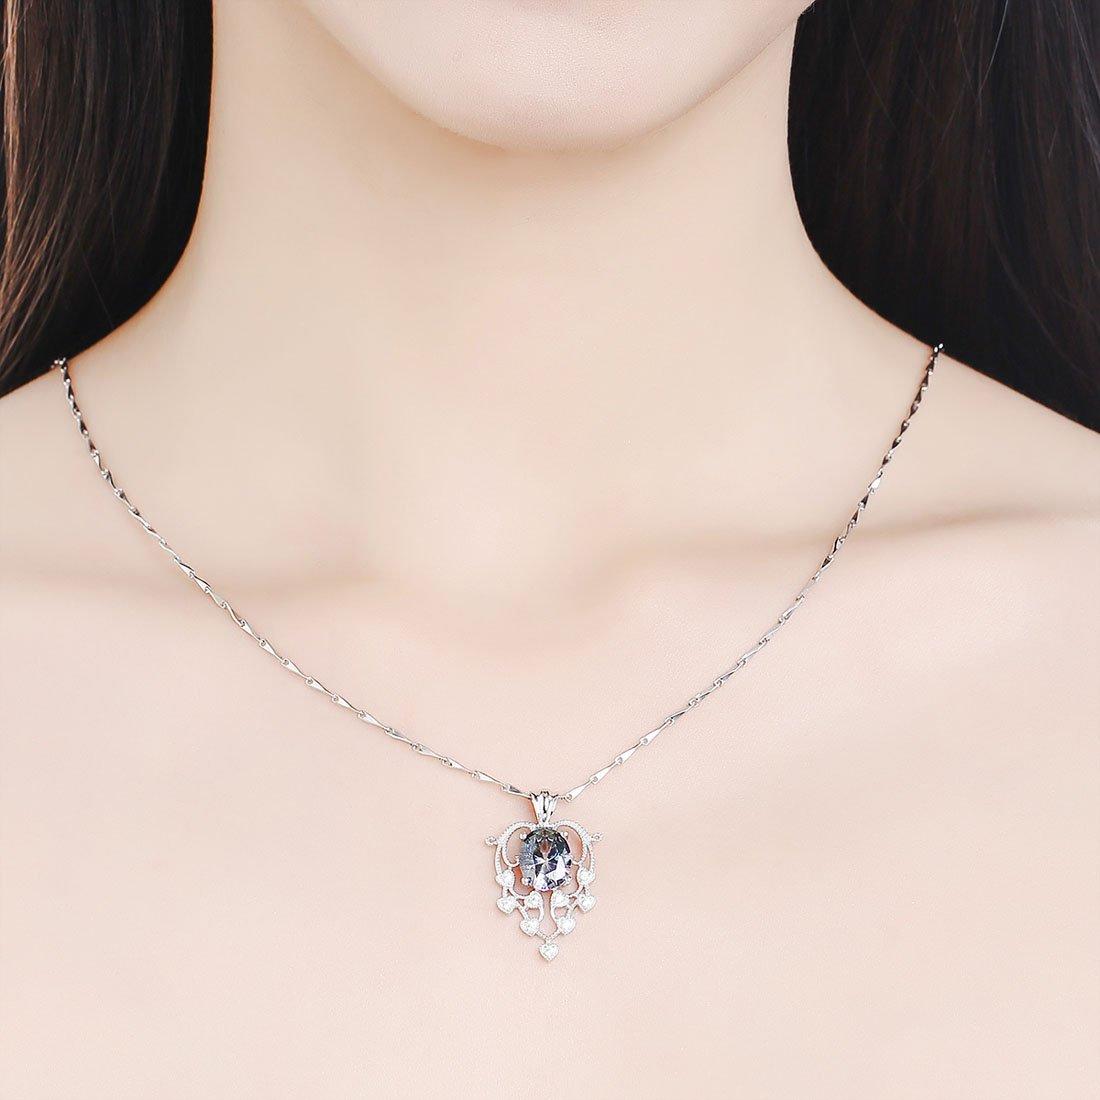 Merthus 925 Sterling Silver Created Spessartine Garnet Charm Pendant Necklace for Women Girls 18